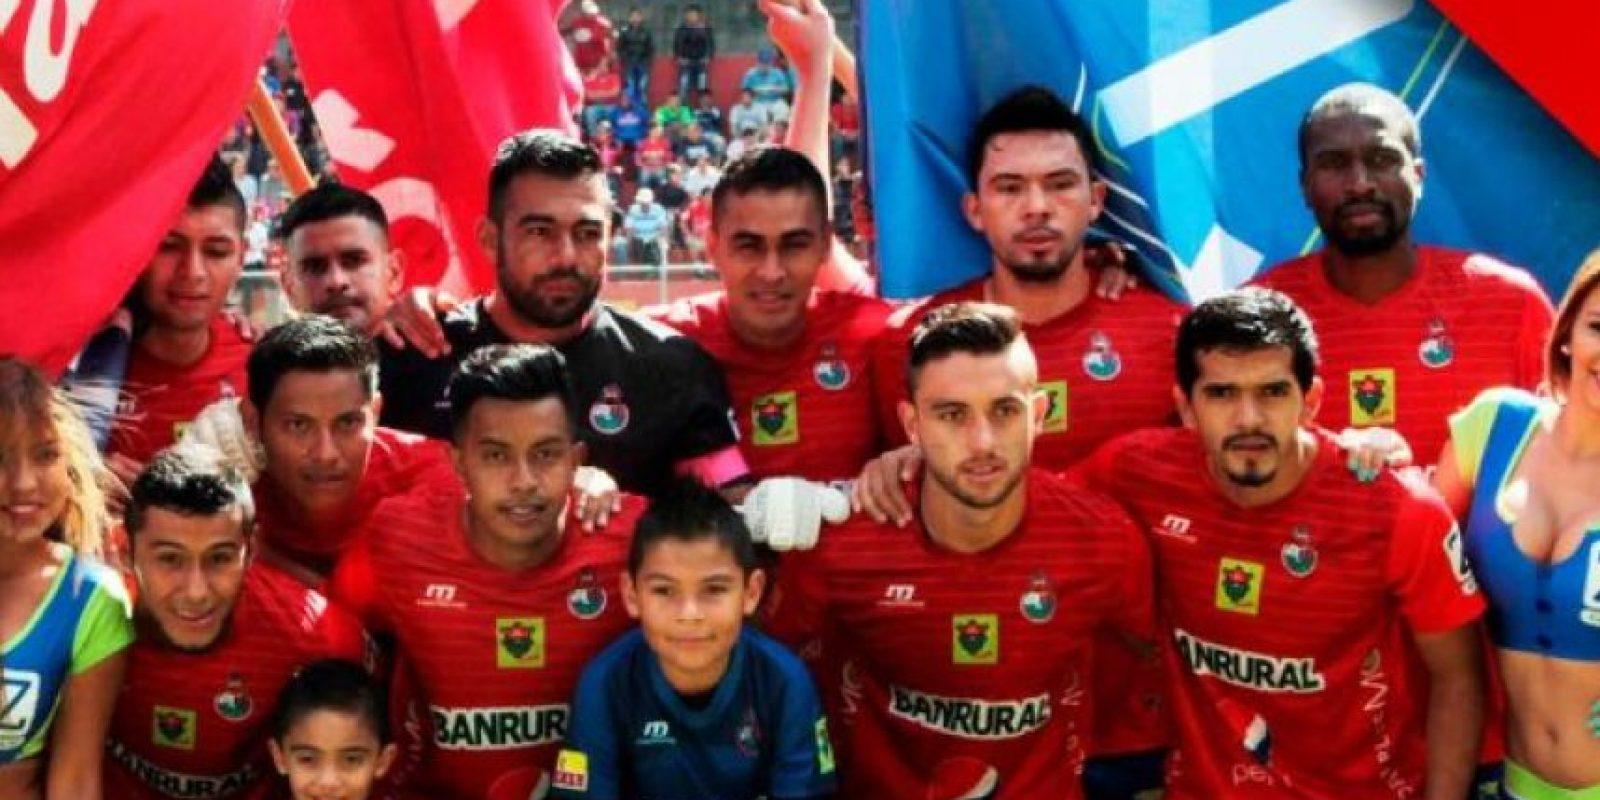 Los rojos previo a un partido de liga. Foto:Publinews